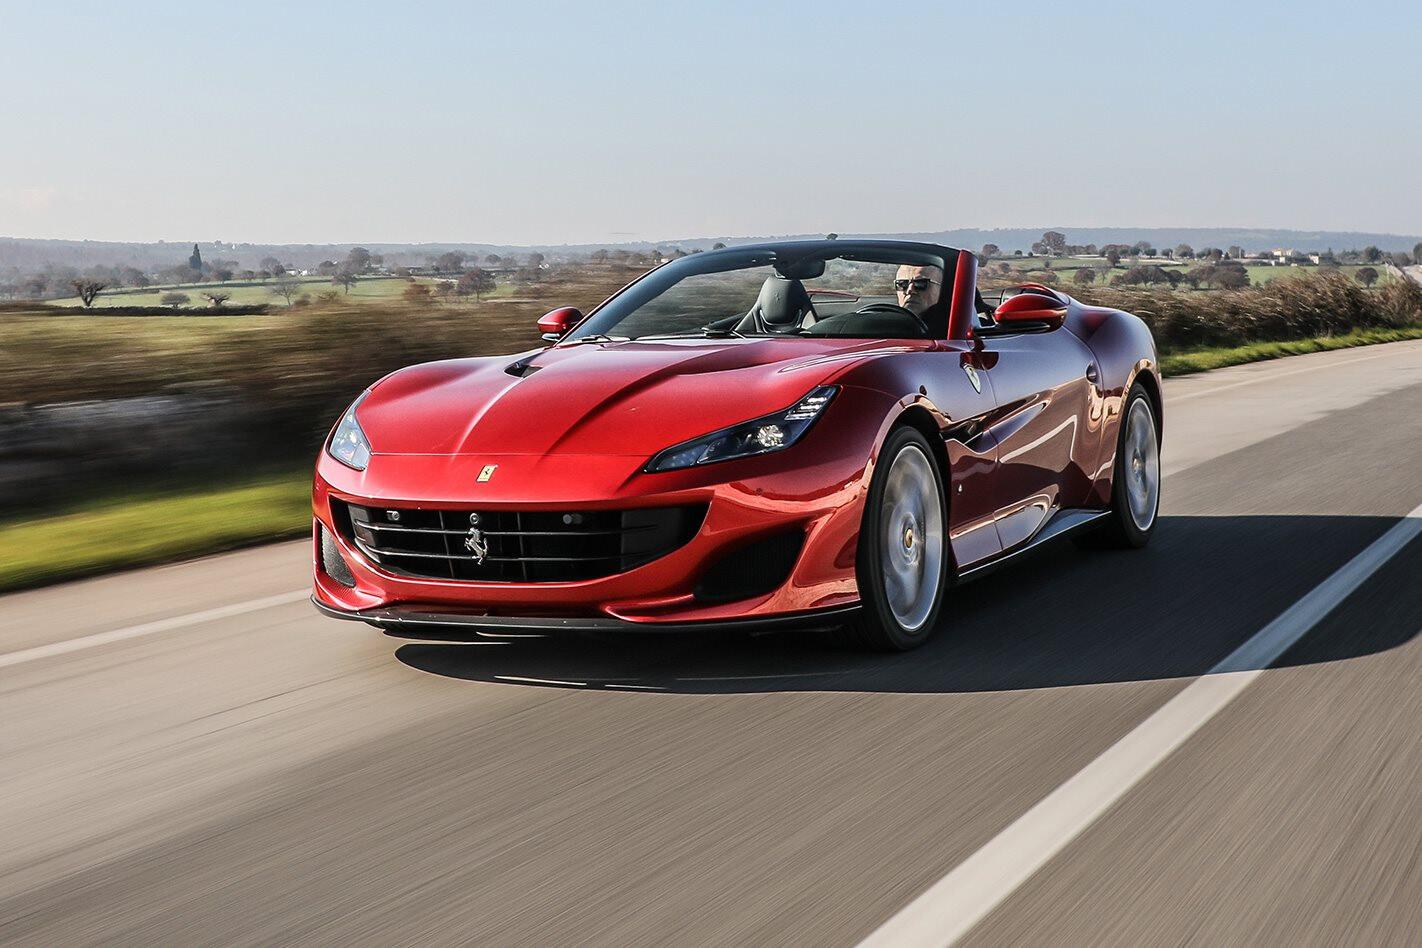 2018 Ferrari Portofino review